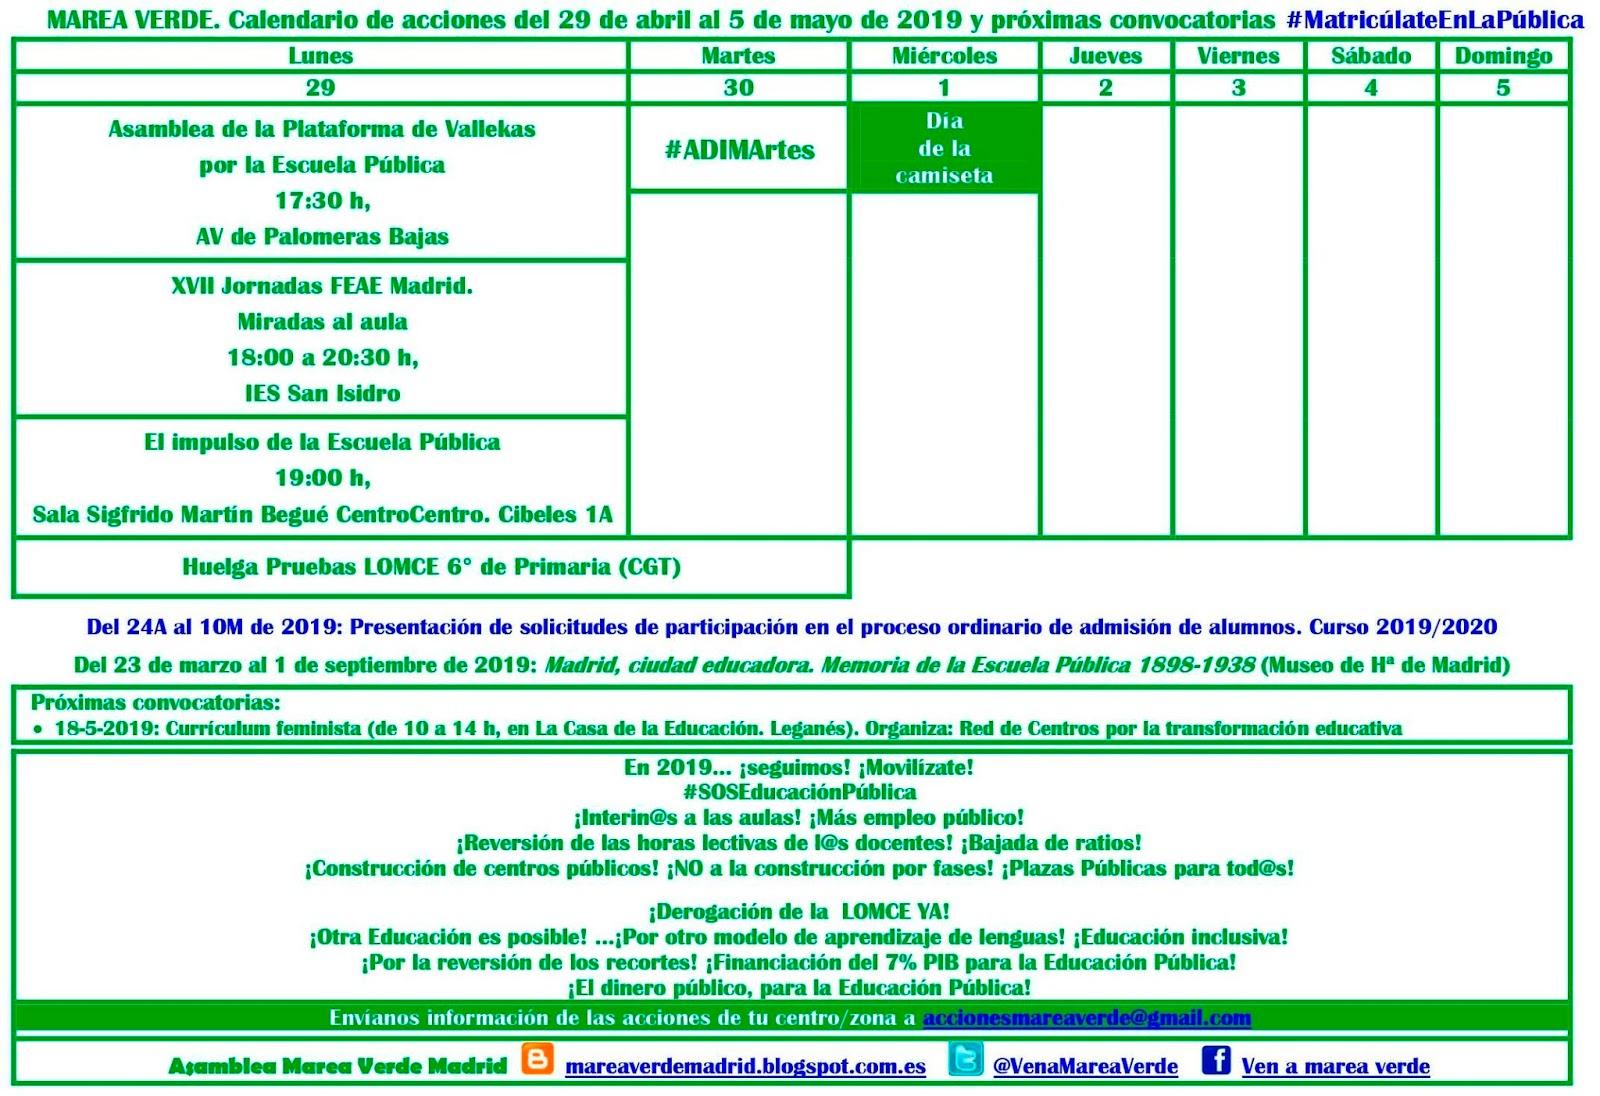 Calendario Selectividad 2020 Andalucia.Mareaverde Abril 2019